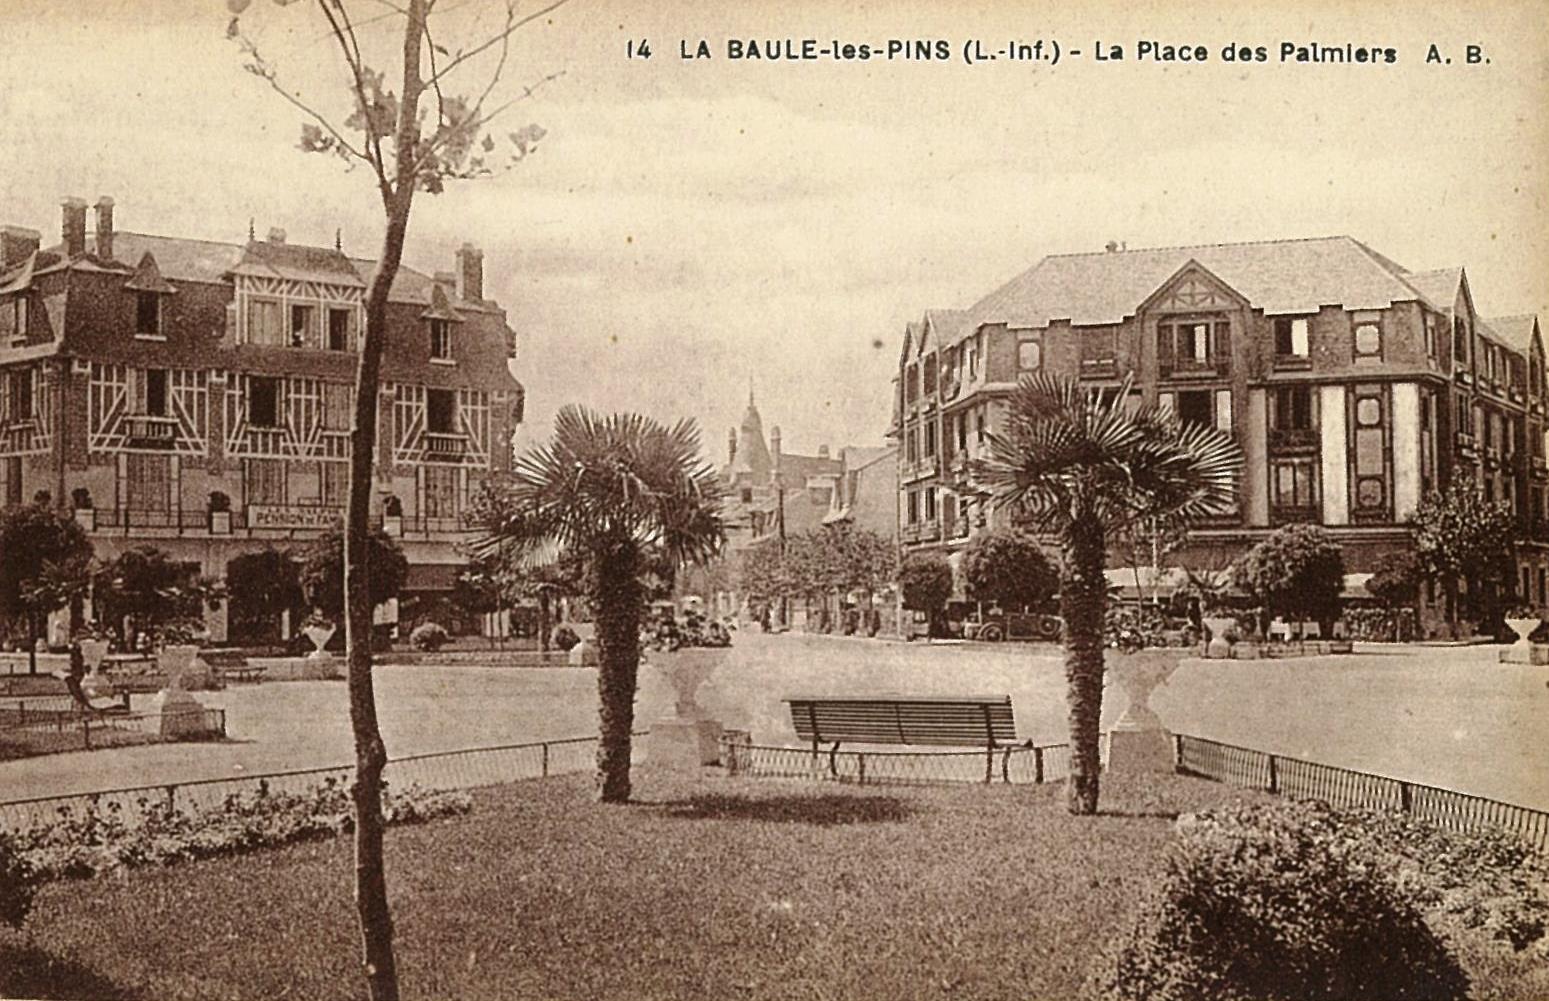 La Baule Les Pins - Place des Palmiers - Archives municipales de La Baule